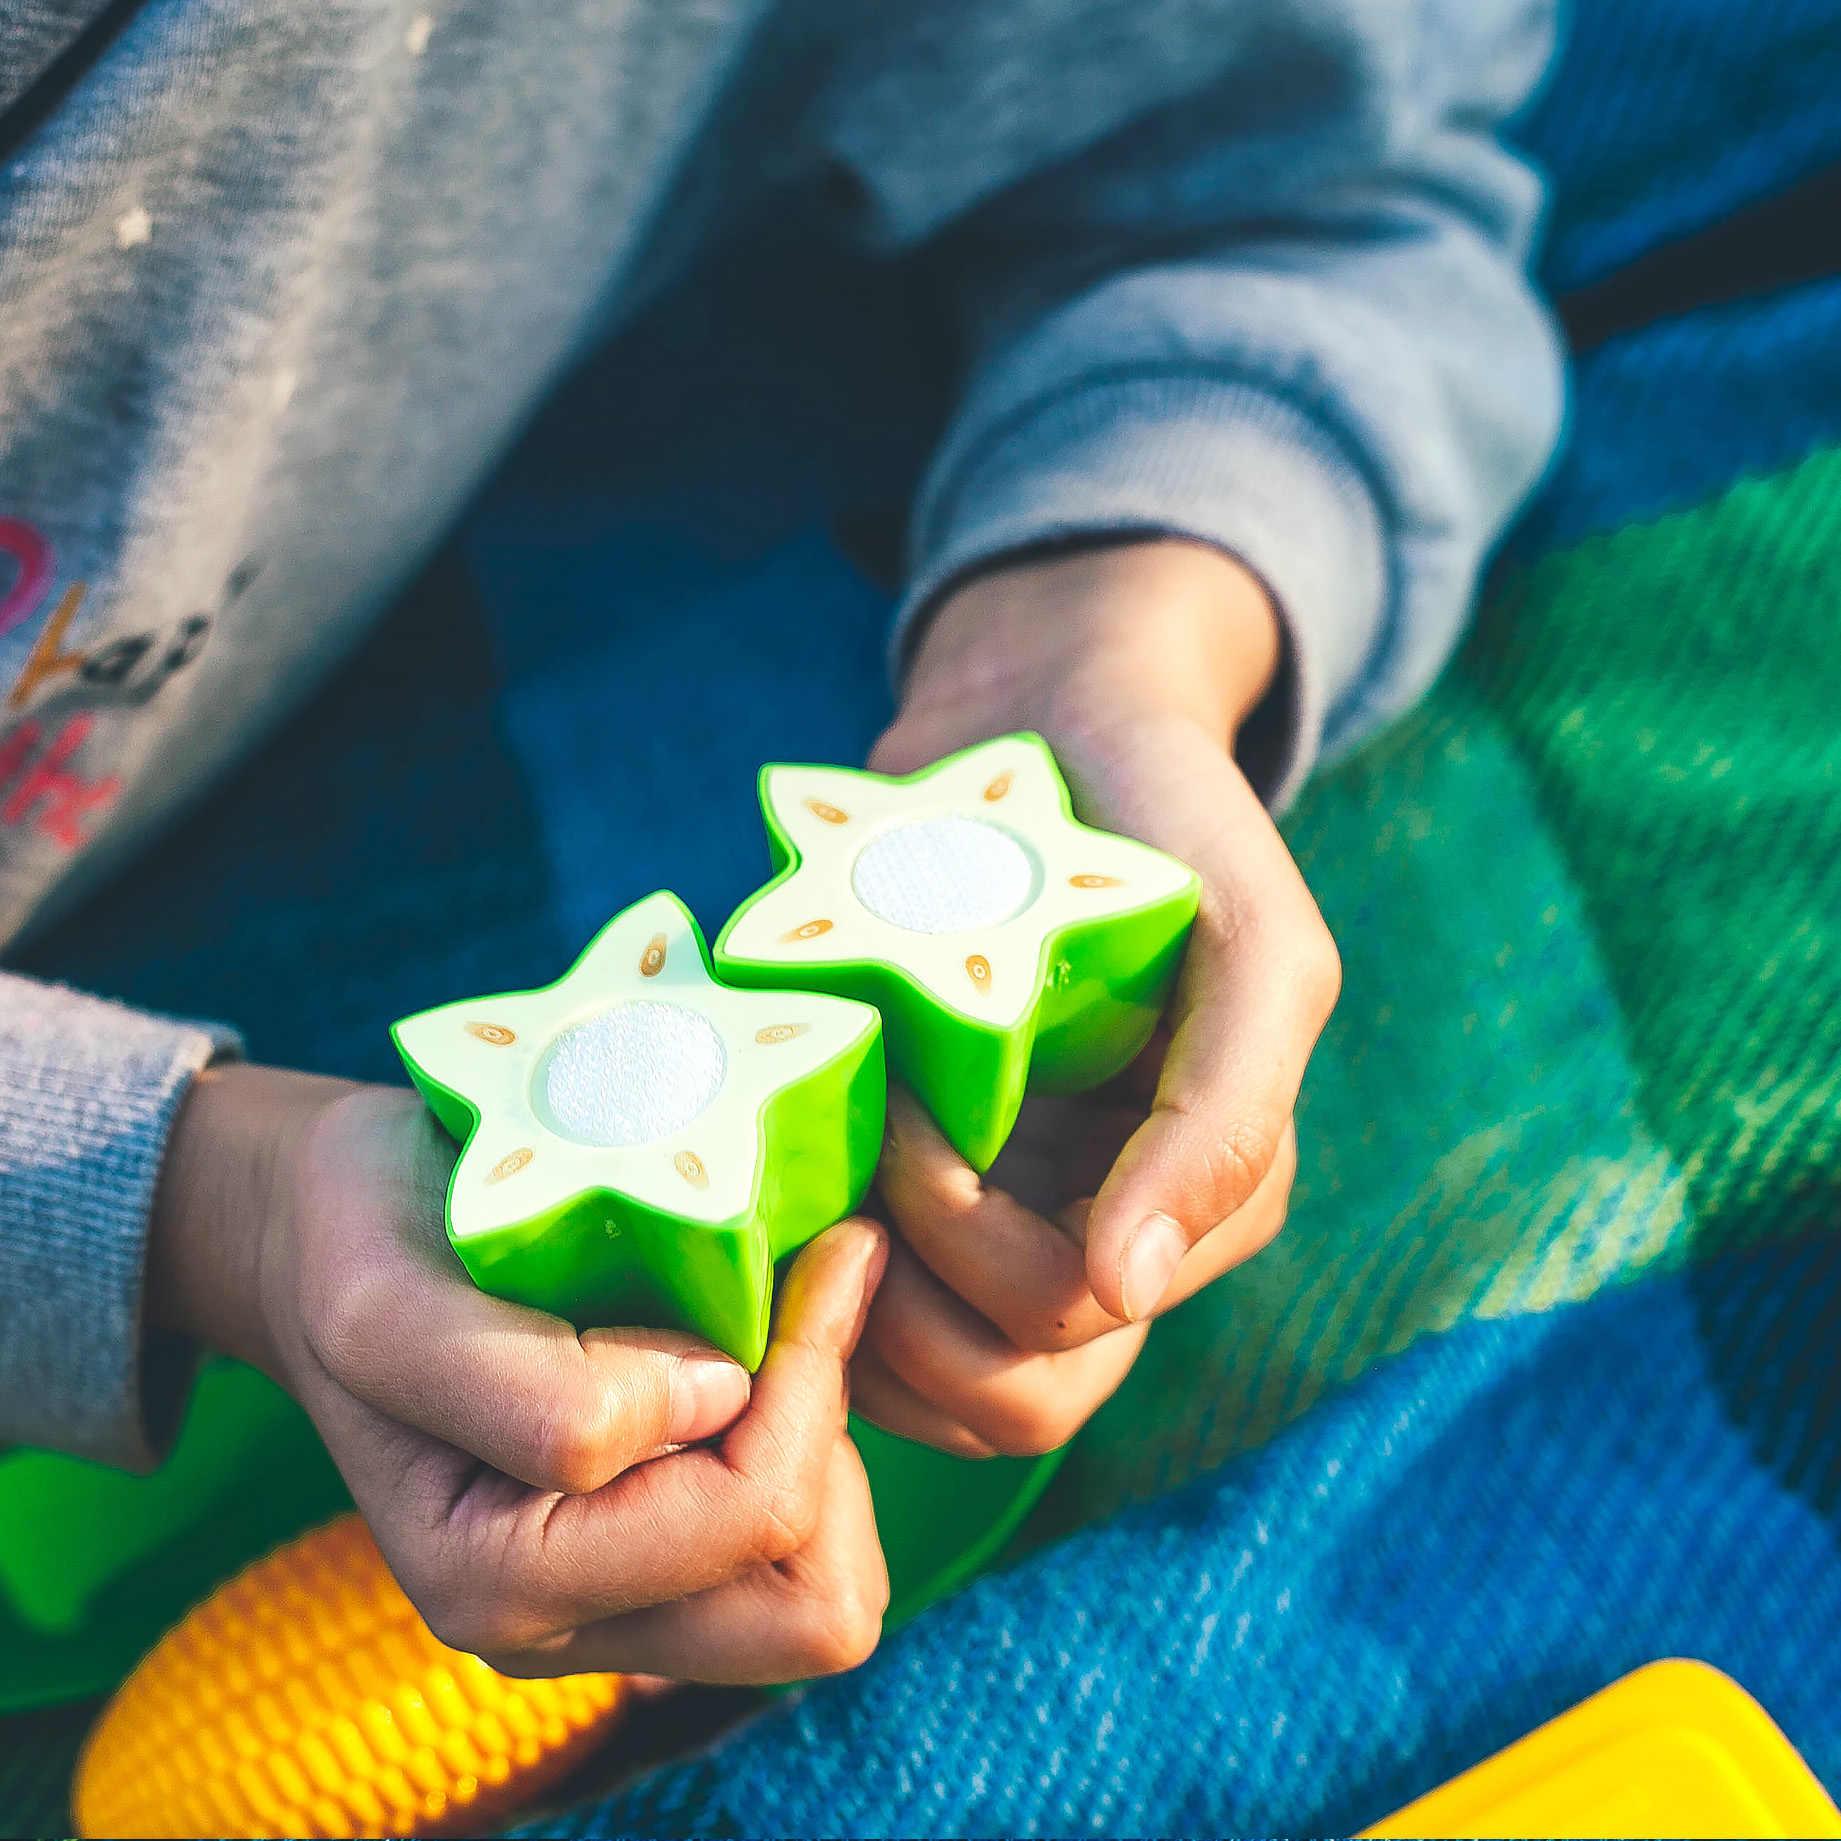 เด็กครัวอาหารของเล่นสาว Mini ผักผลไม้มันฝรั่งชิปขนมอาหาร Houseware ชุดเด็กทารกแกล้งปลอมสินค้า